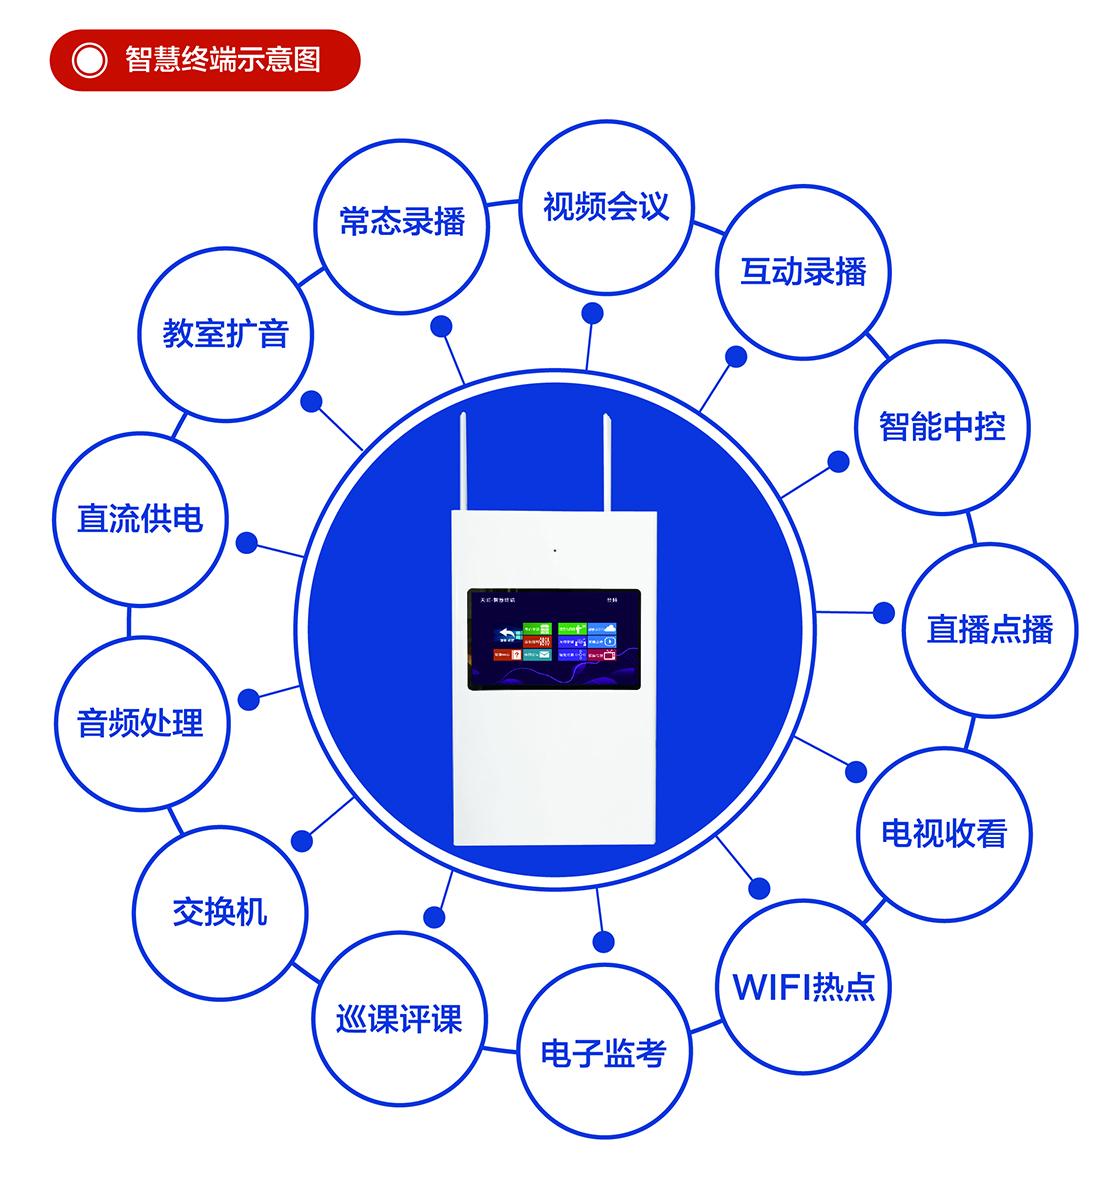 manbetx客户端网页版终端